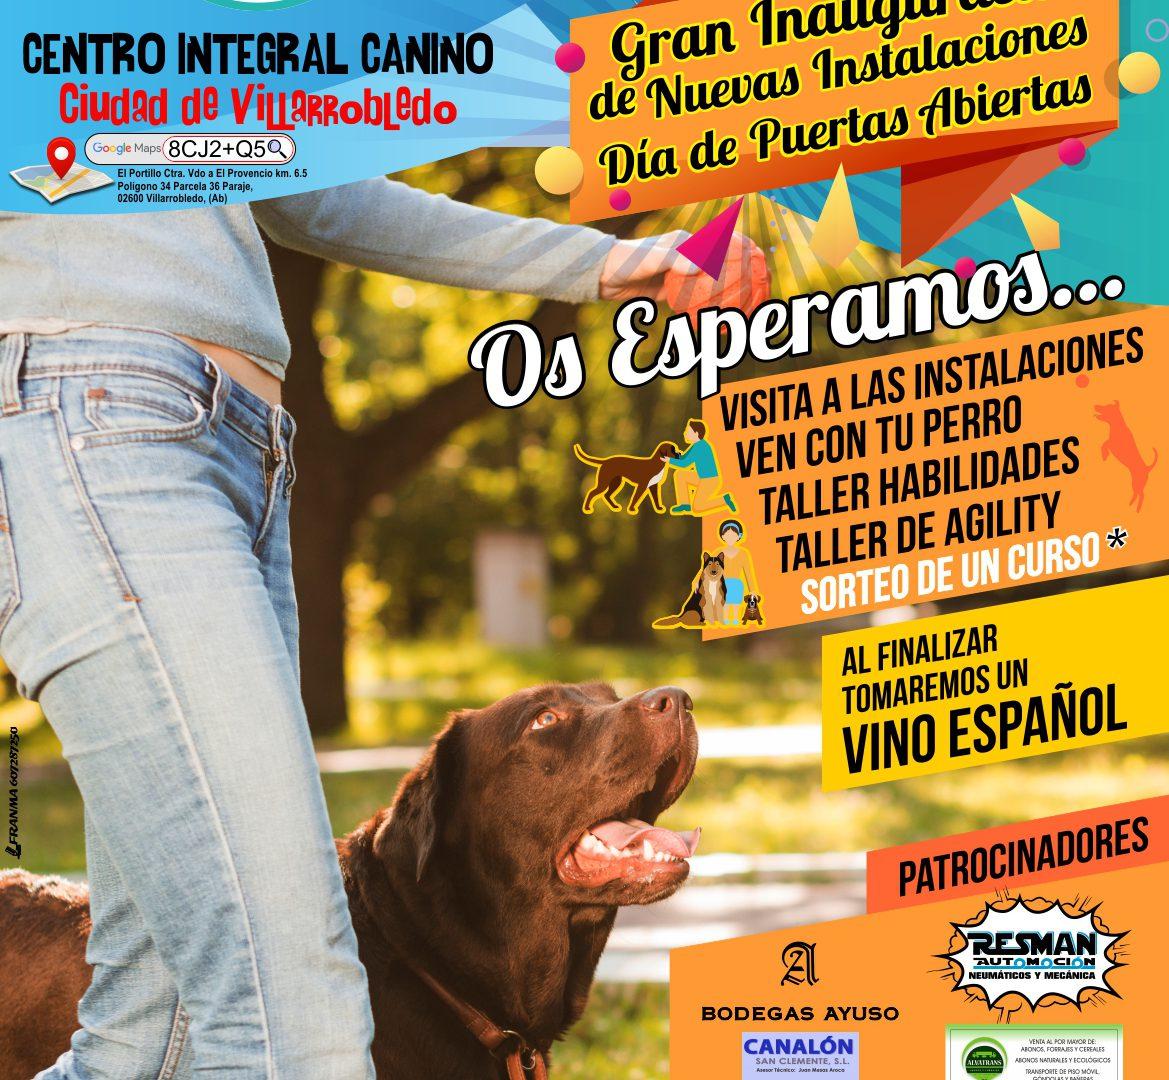 Inauguración Instalaciones Centro Integral Canino